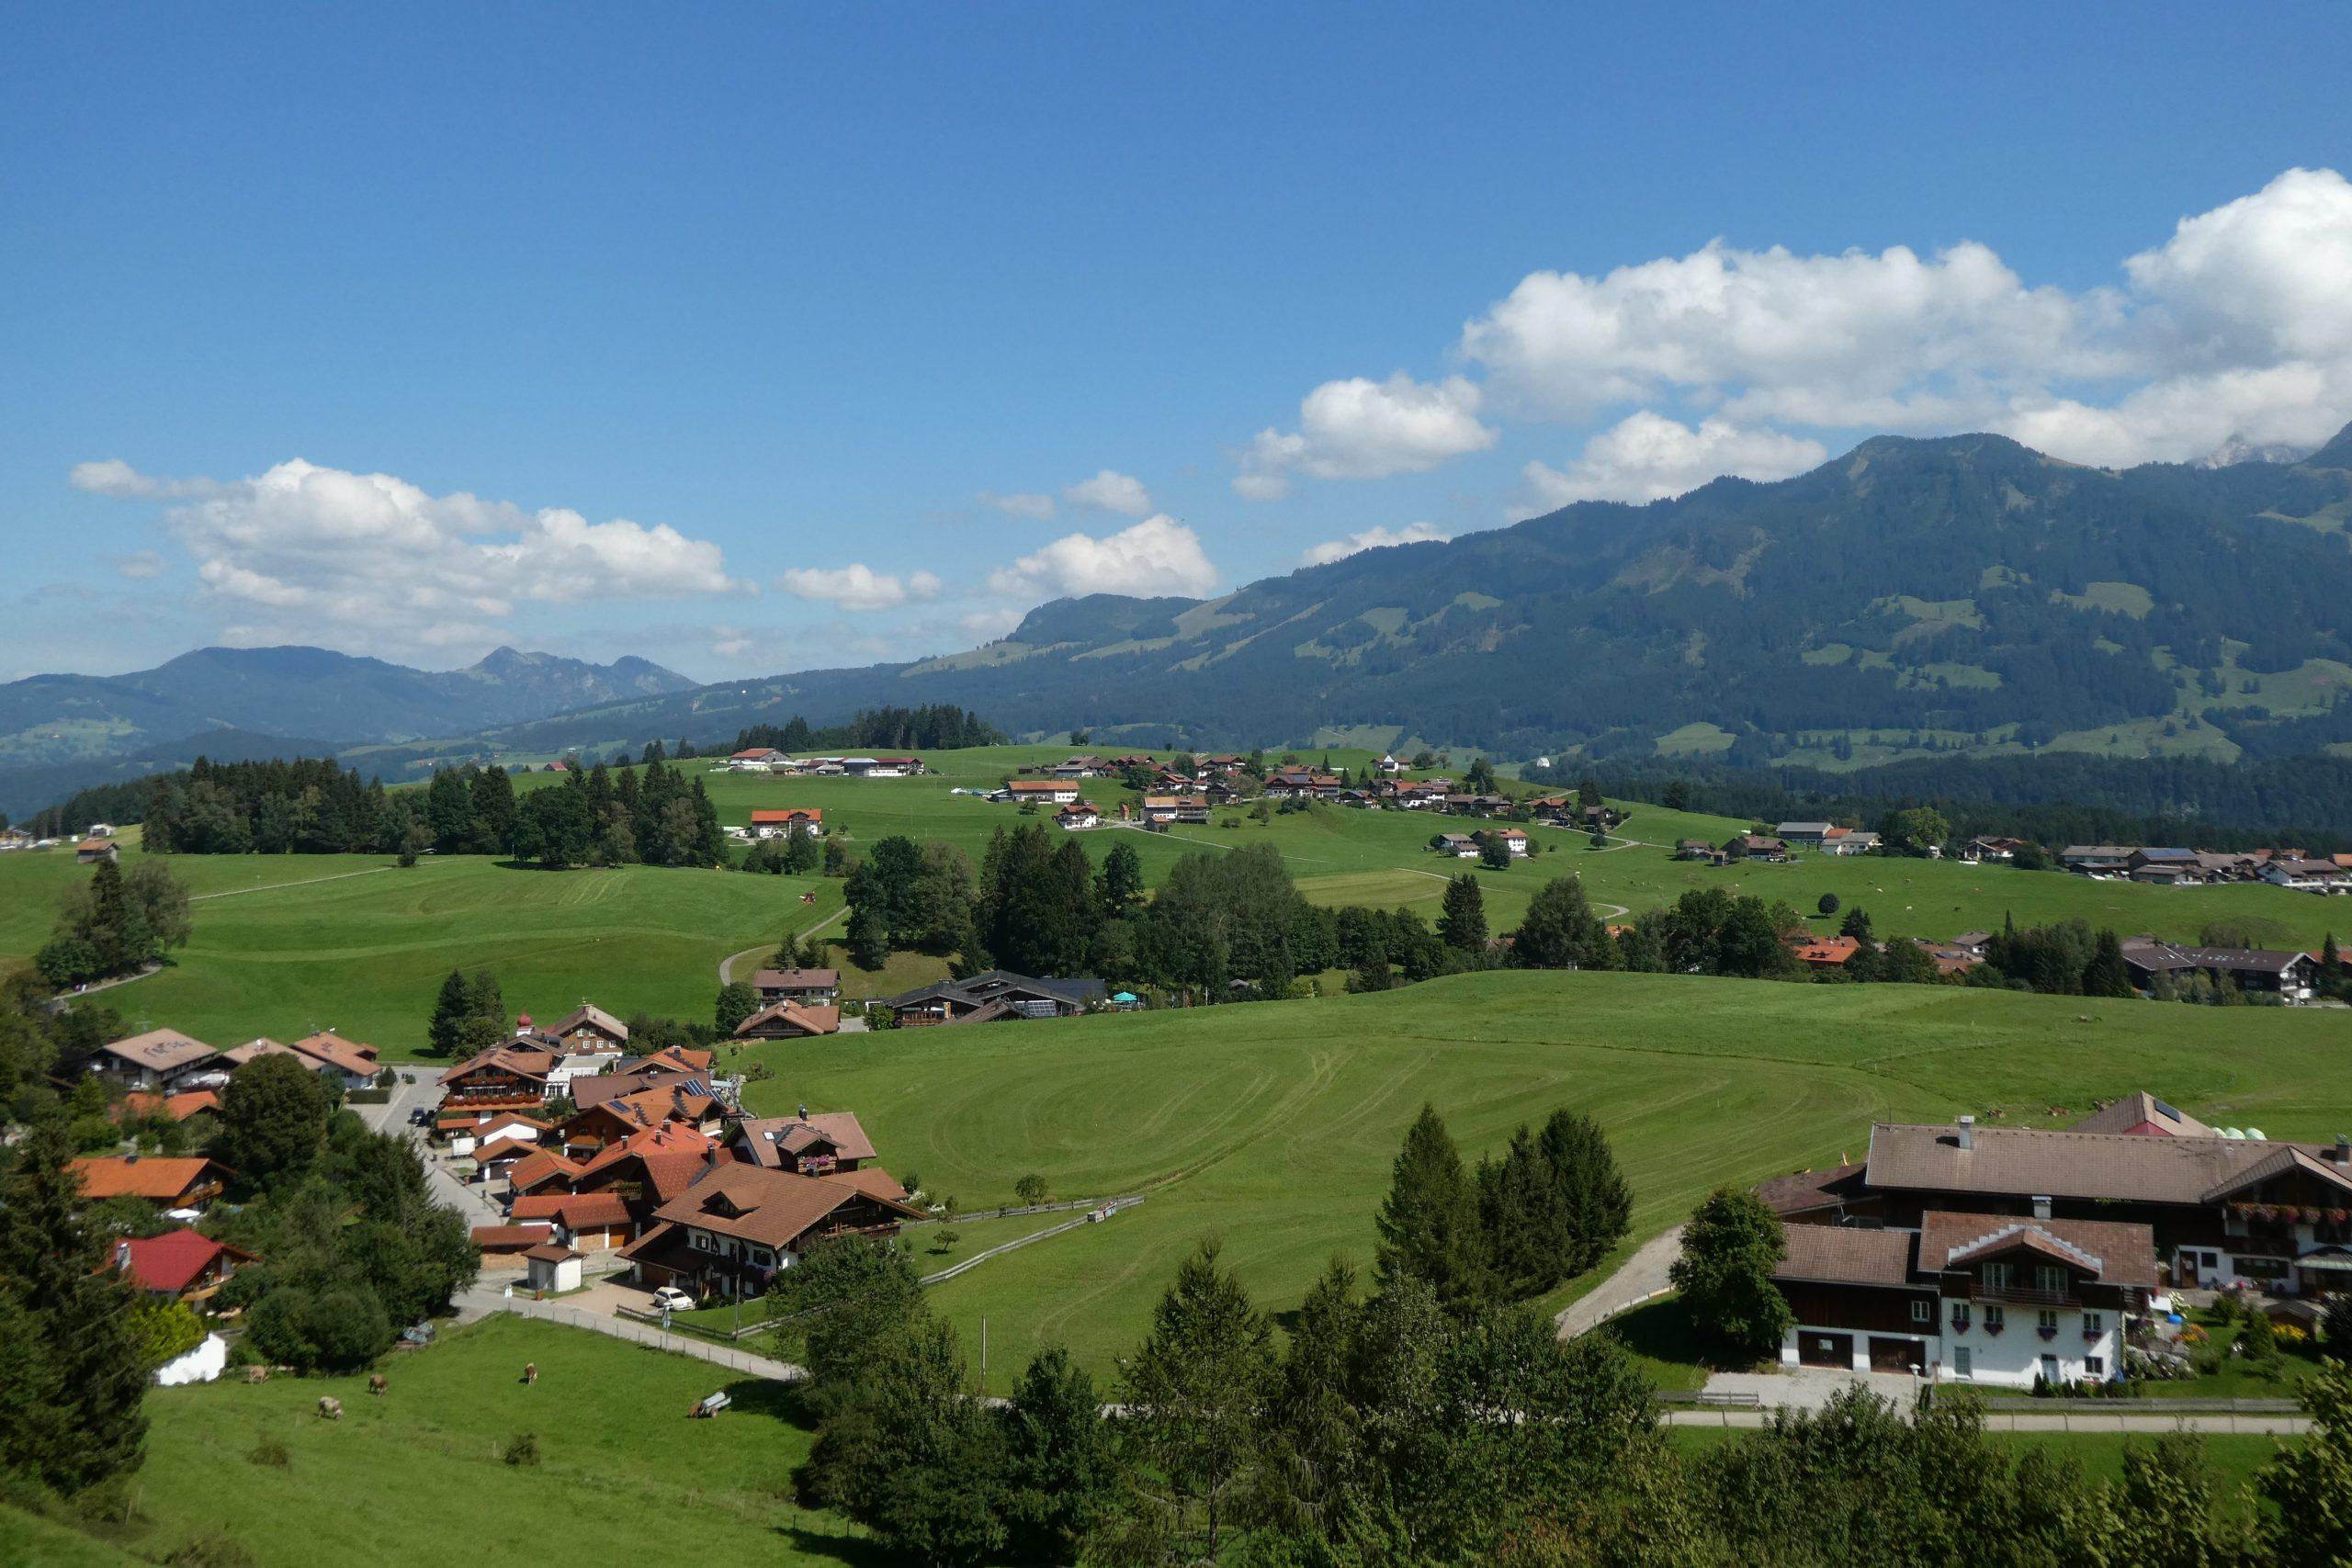 Ferienhaus Sauter Oberdorf Obermaiselstein - Oberdorf mit Alpenpanorama von oben